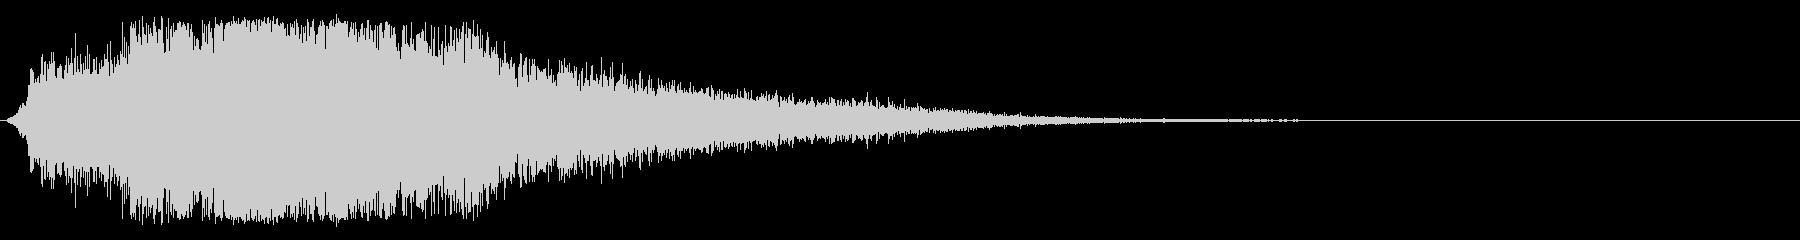 シャキーン(魔法、星、風属性など)3の未再生の波形